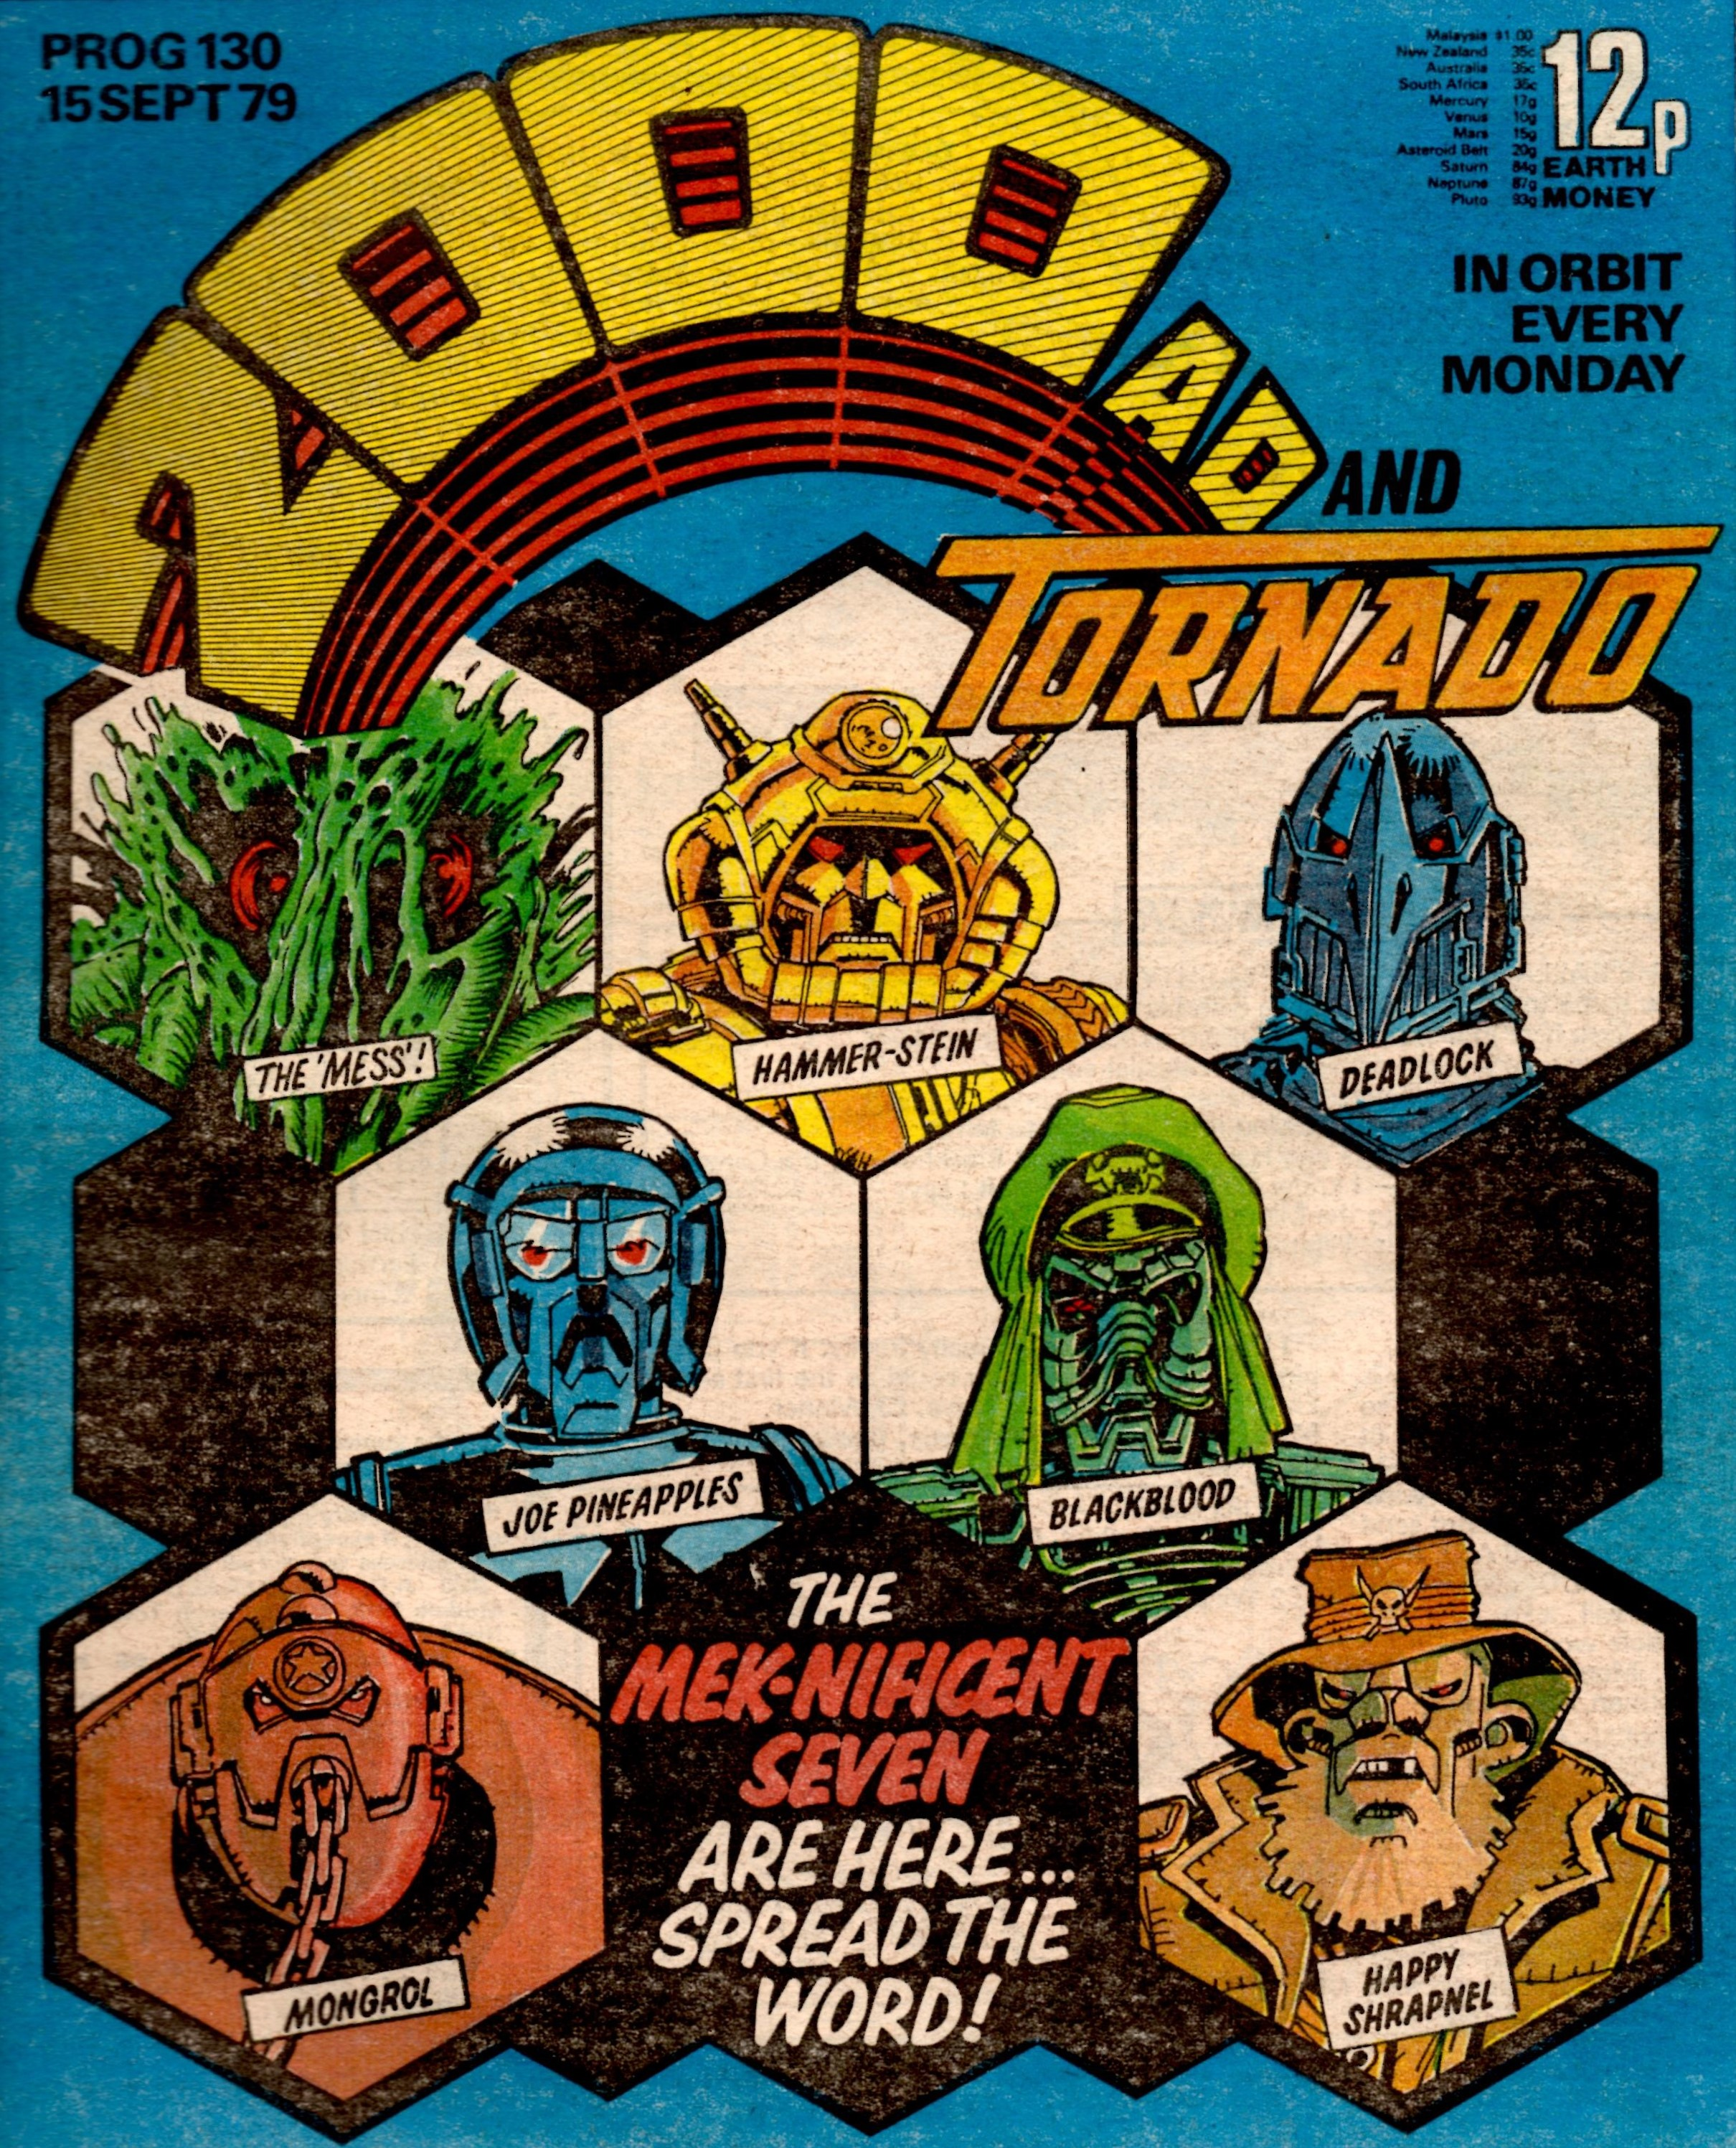 2000AD, Prog 130, 15 September 1979